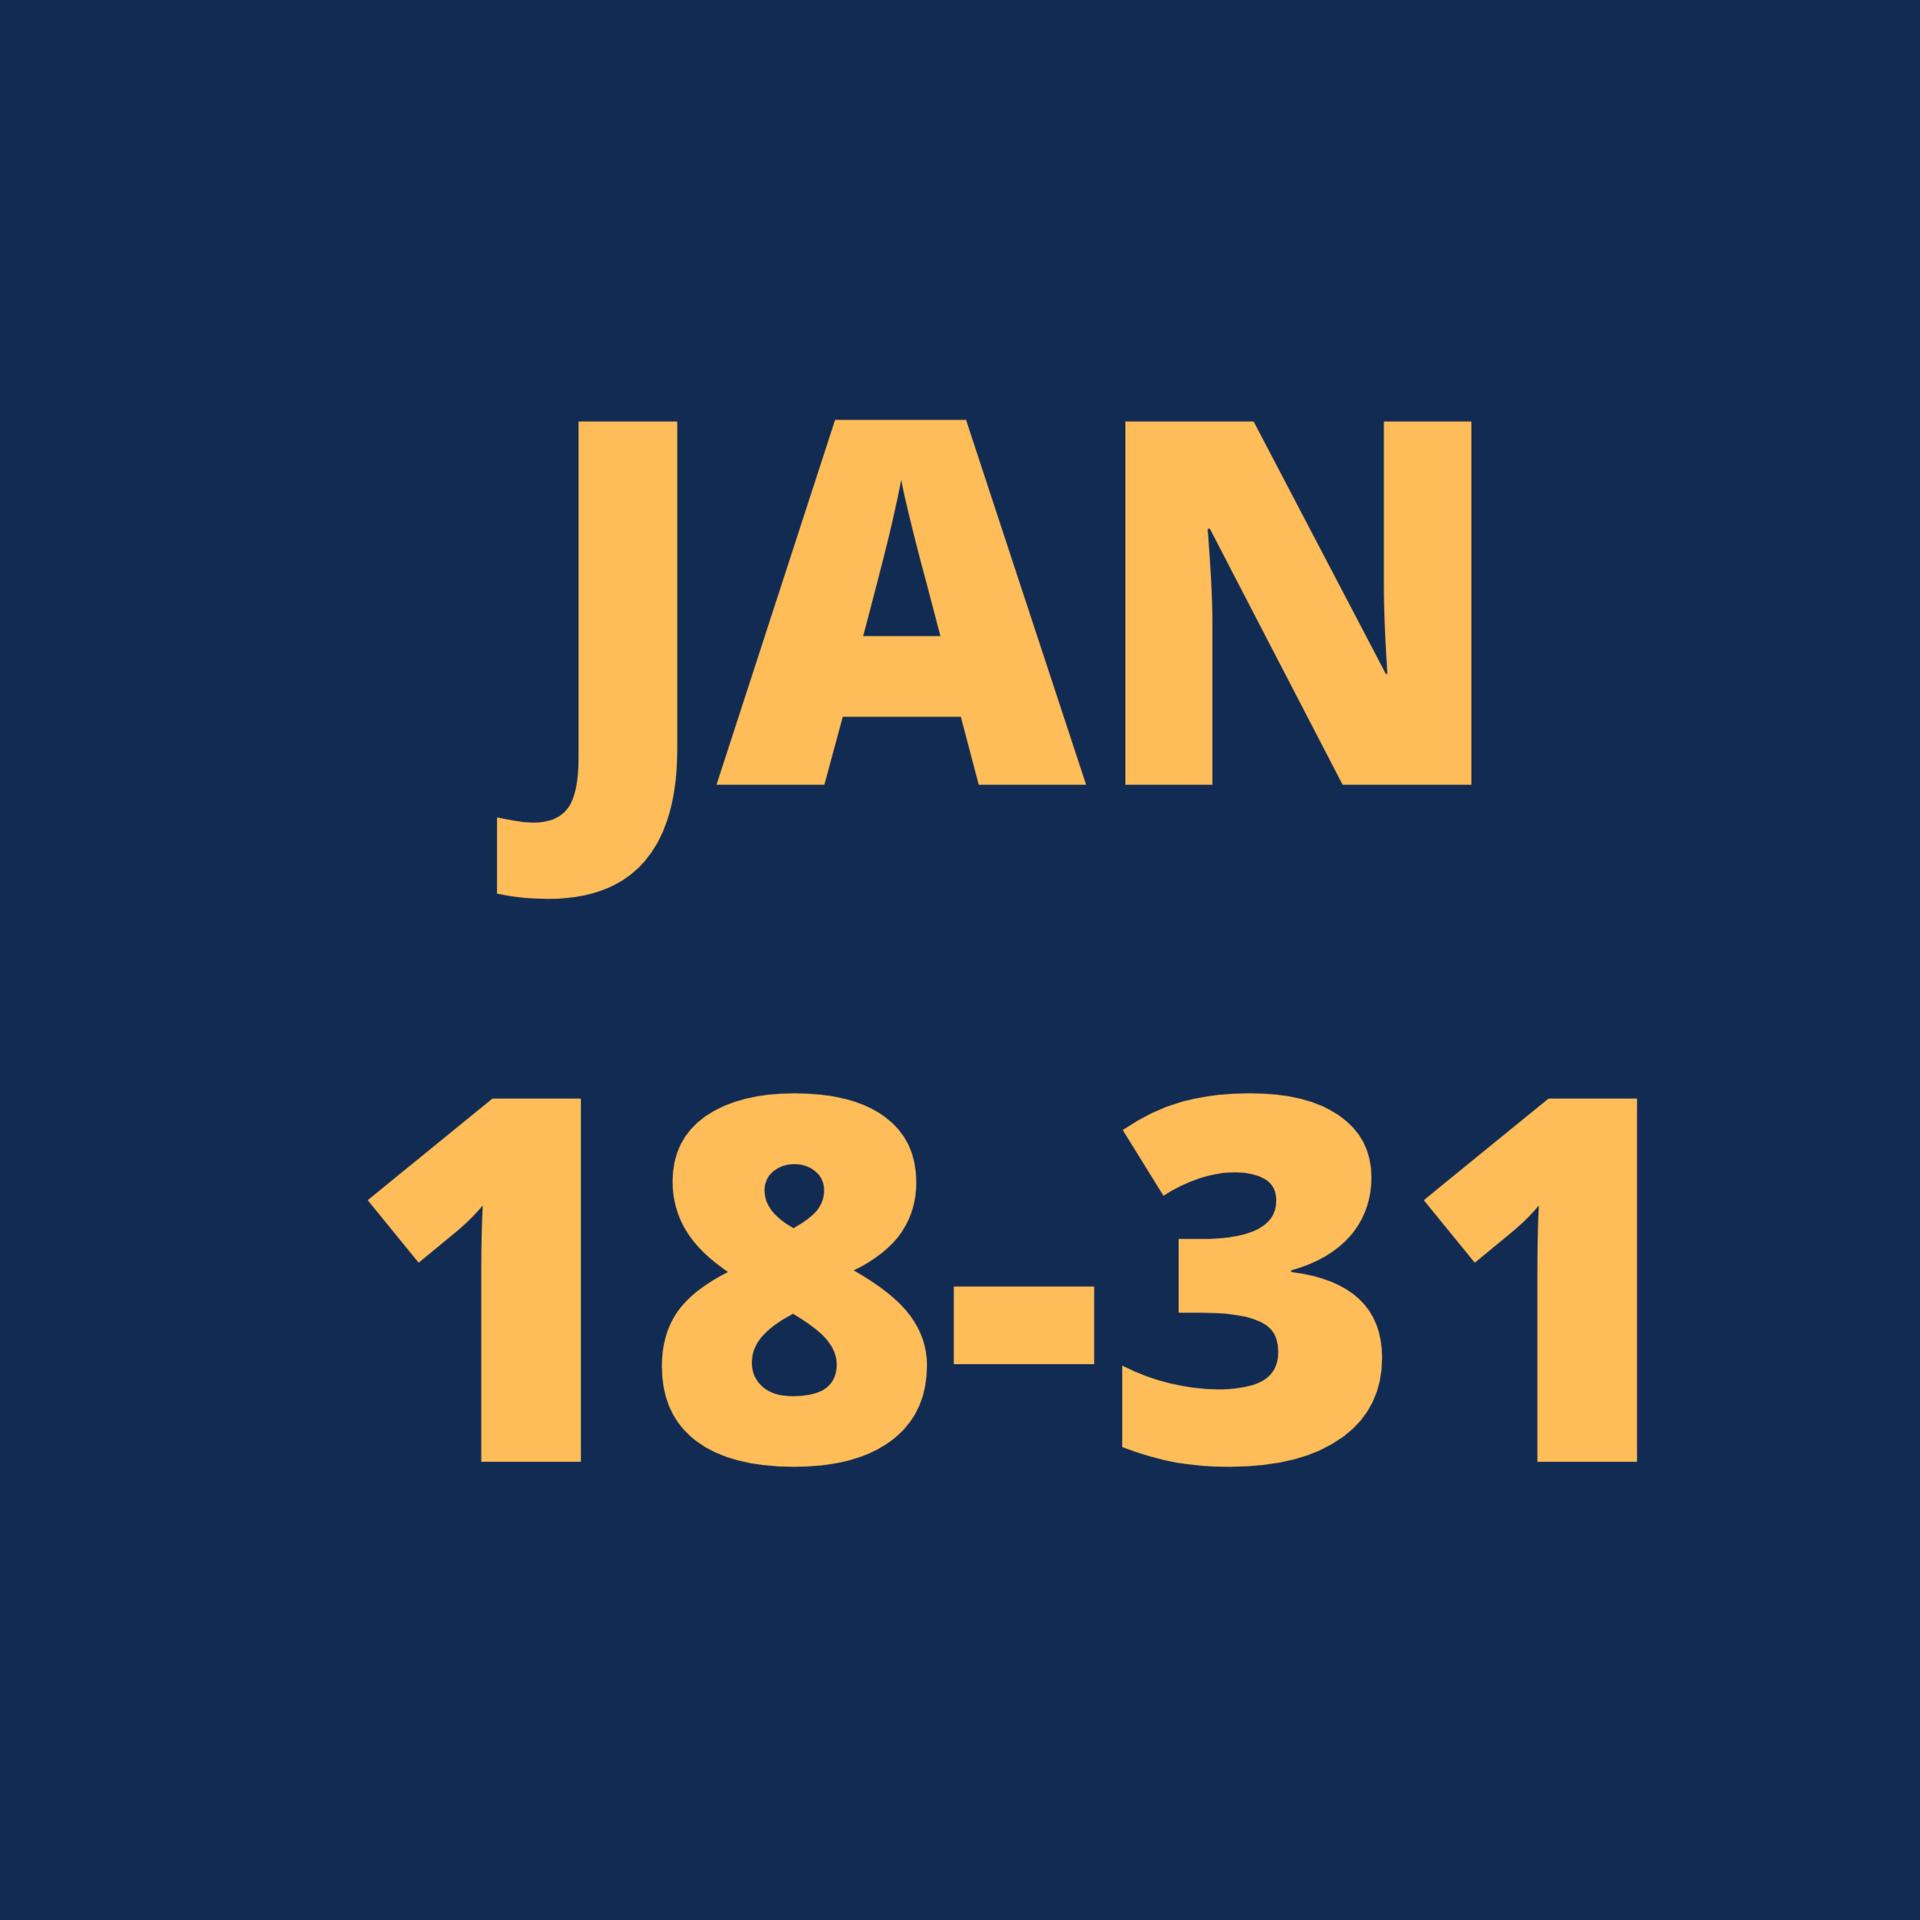 Jan 18-31 Icon